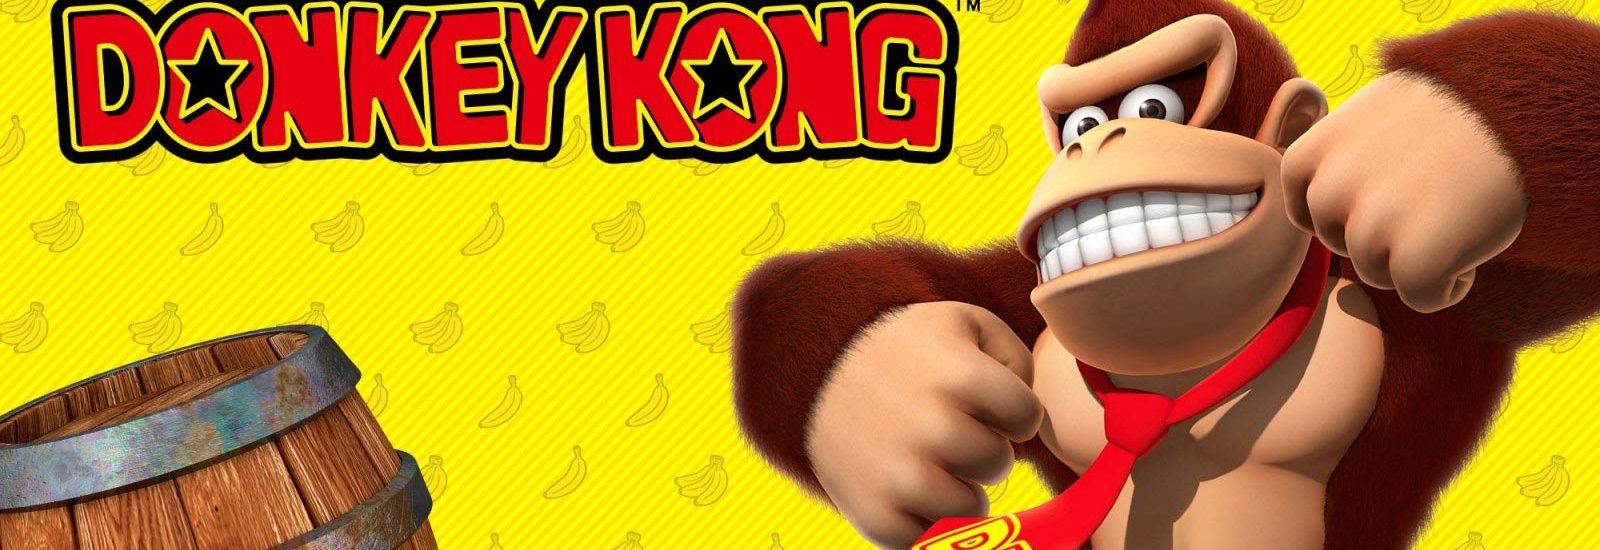 Donkey Kong: Nintendo plant Comeback zum 40-jährigen Jubiläum